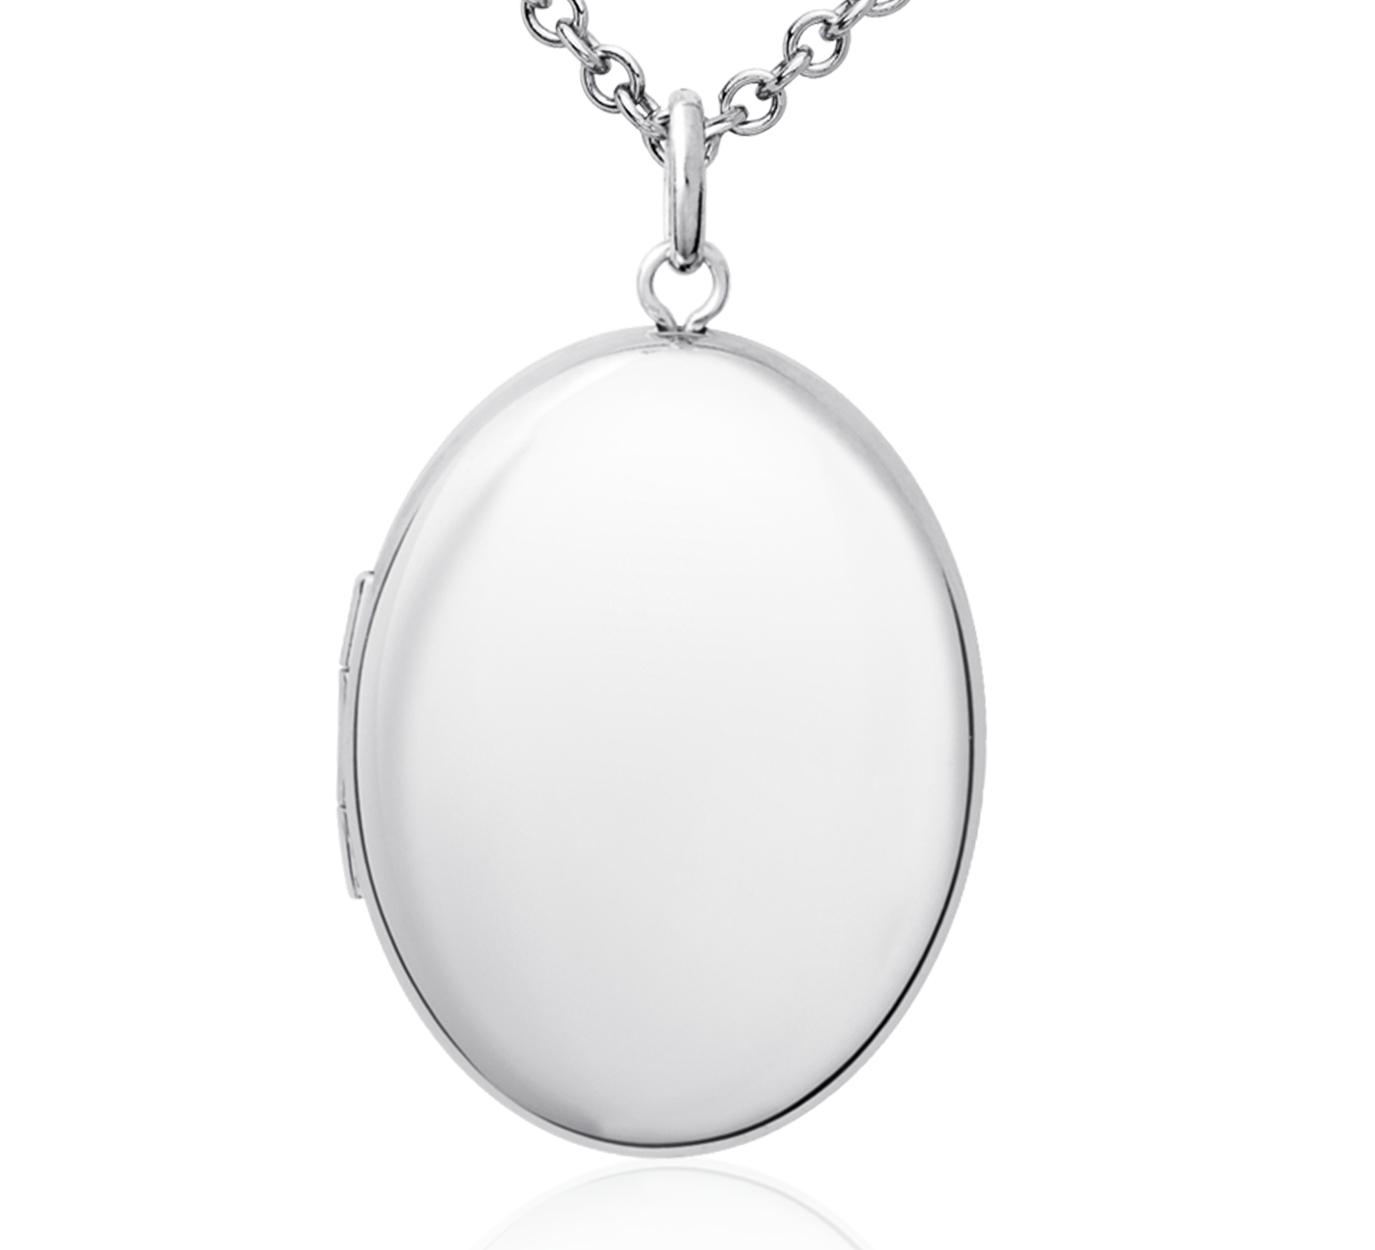 Pendentif médaillon ovale en argent sterling